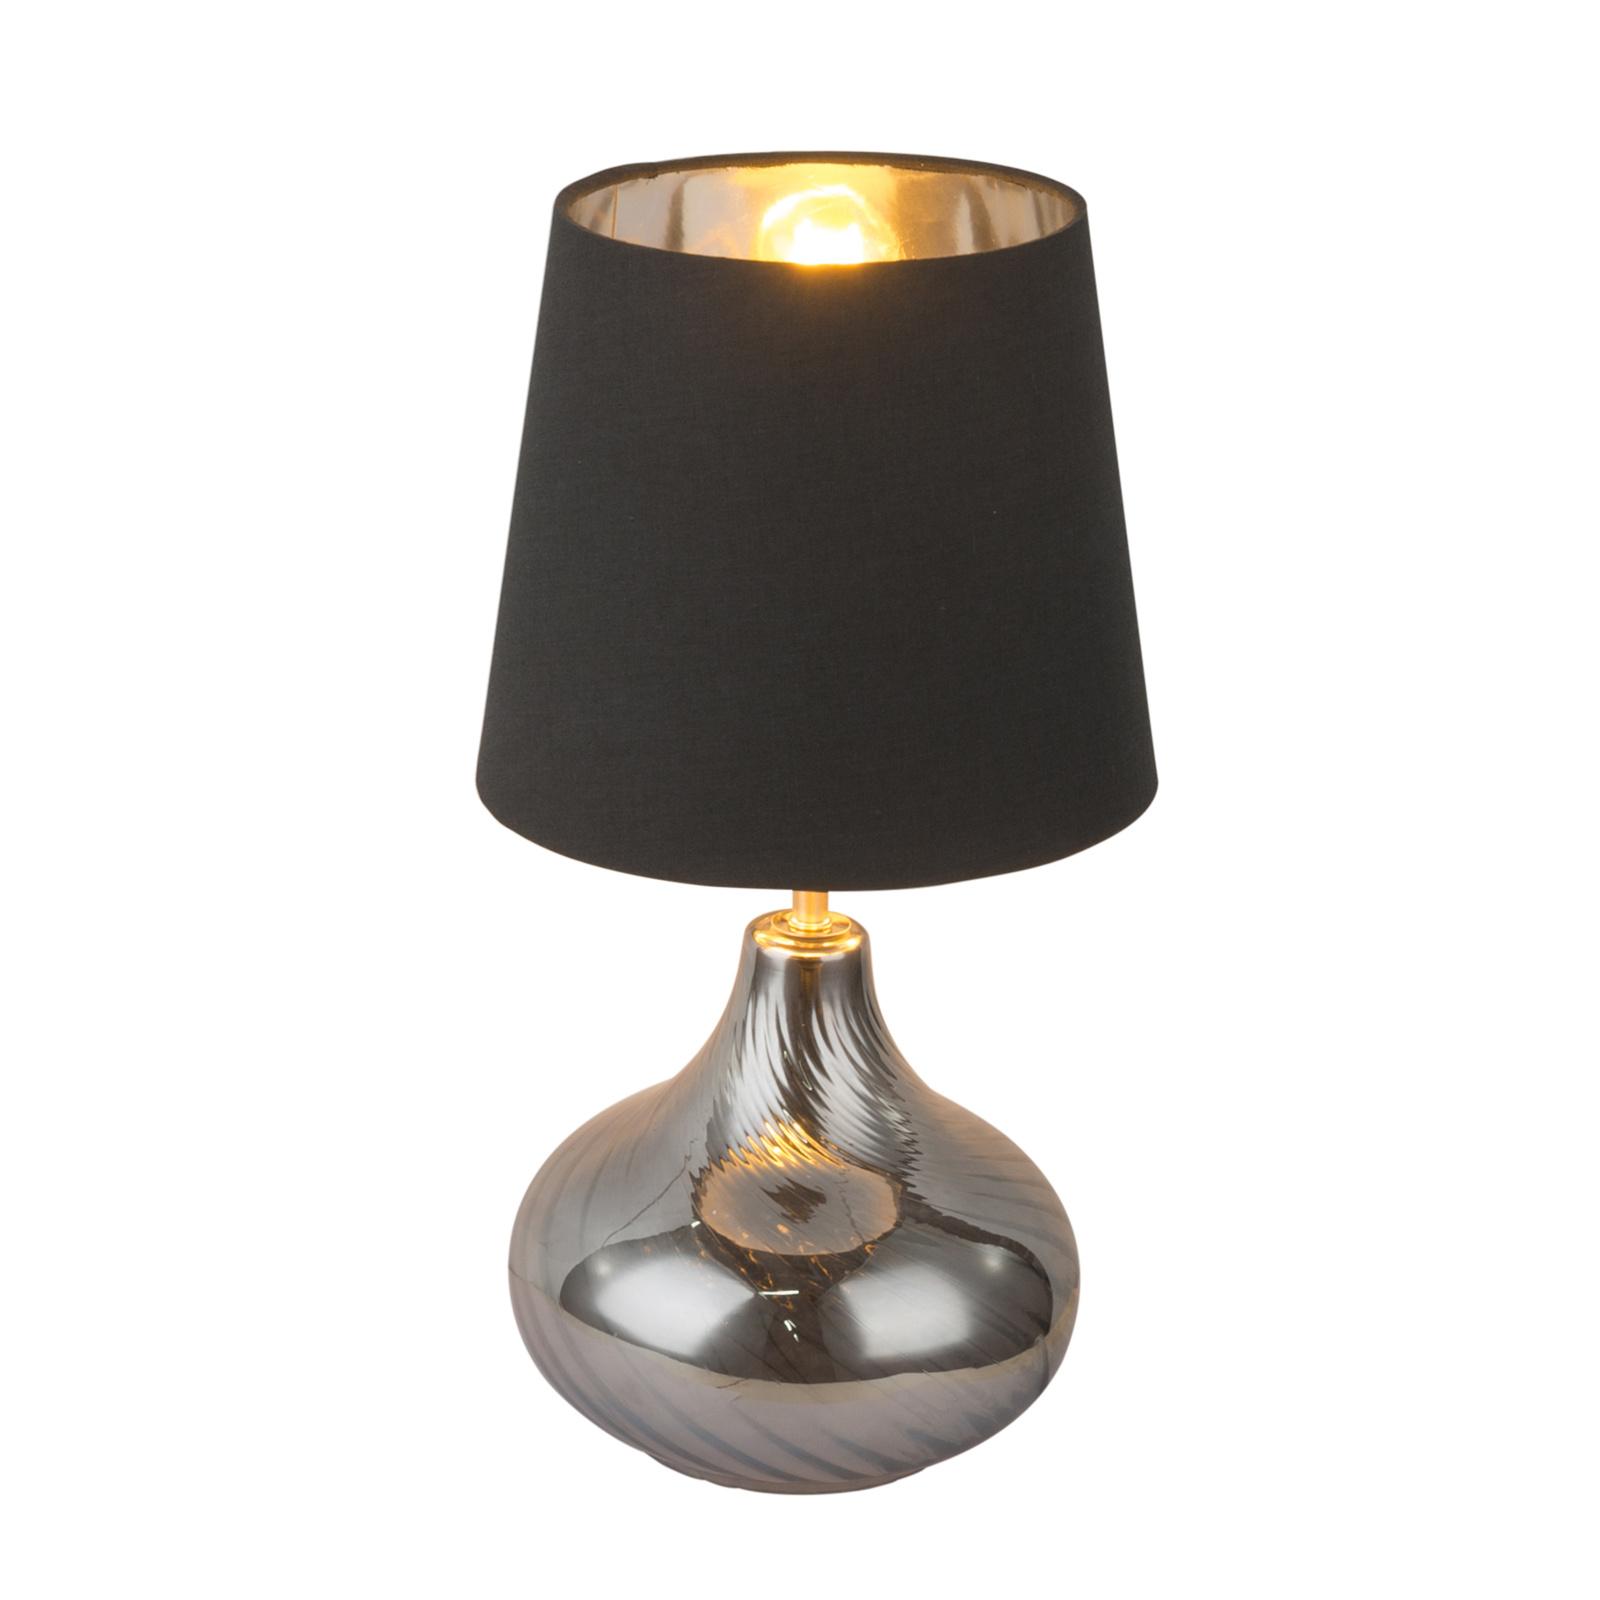 Lampa sticla Johanna, 1 x E27, max. 60W, ambra + negru imagine 2021 mathaus